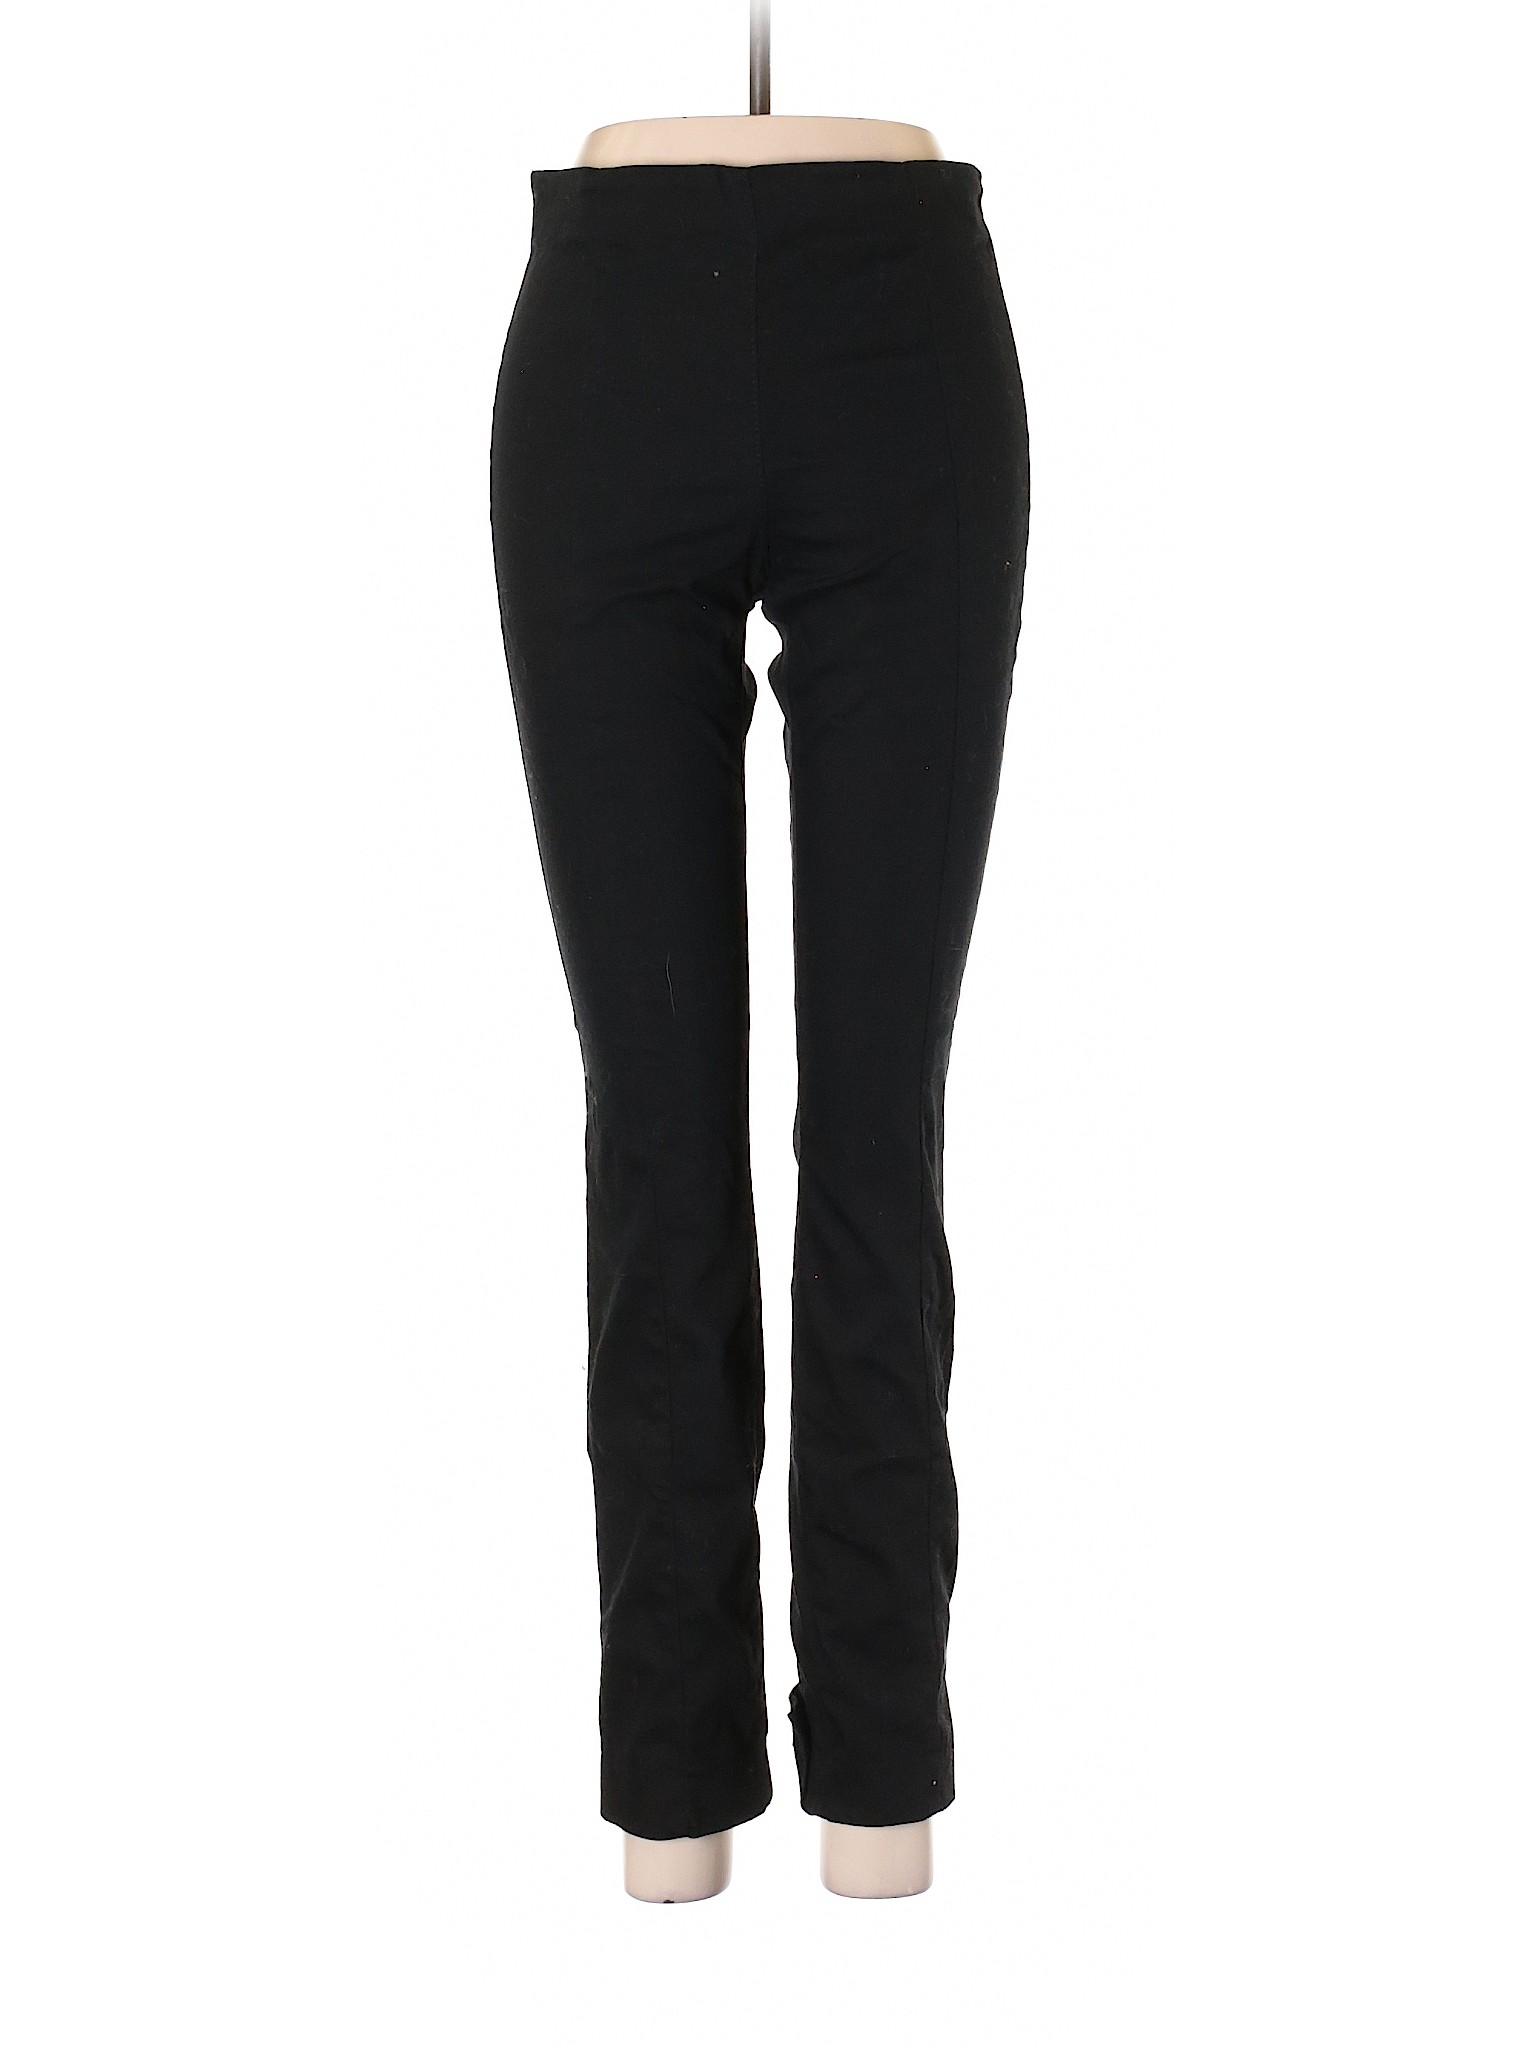 H Boutique Casual amp;M Pants winter 5xxApX